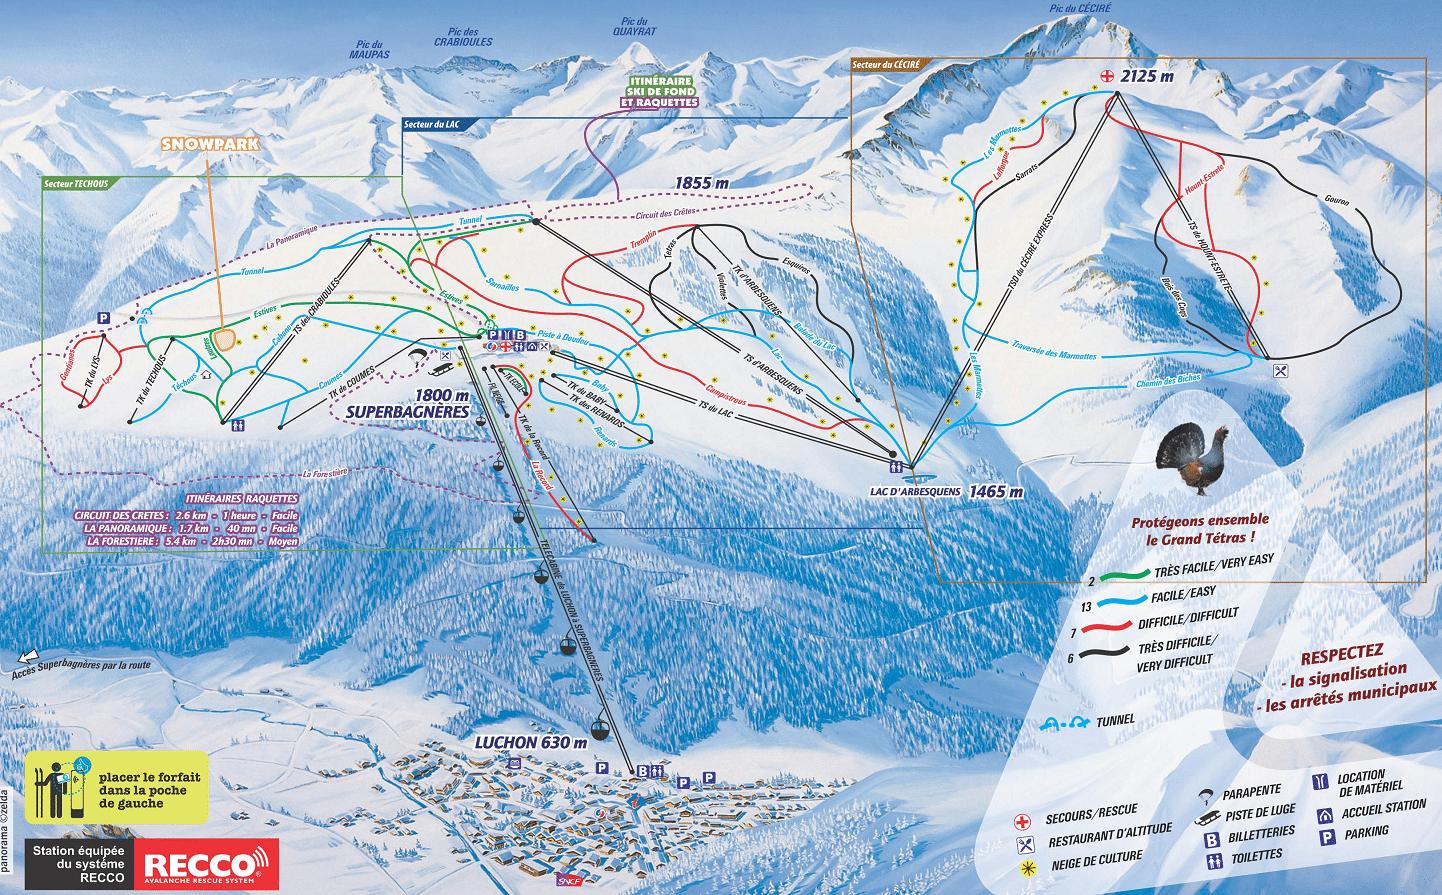 Luchon - Superbagnères - Plan des pistes de ski